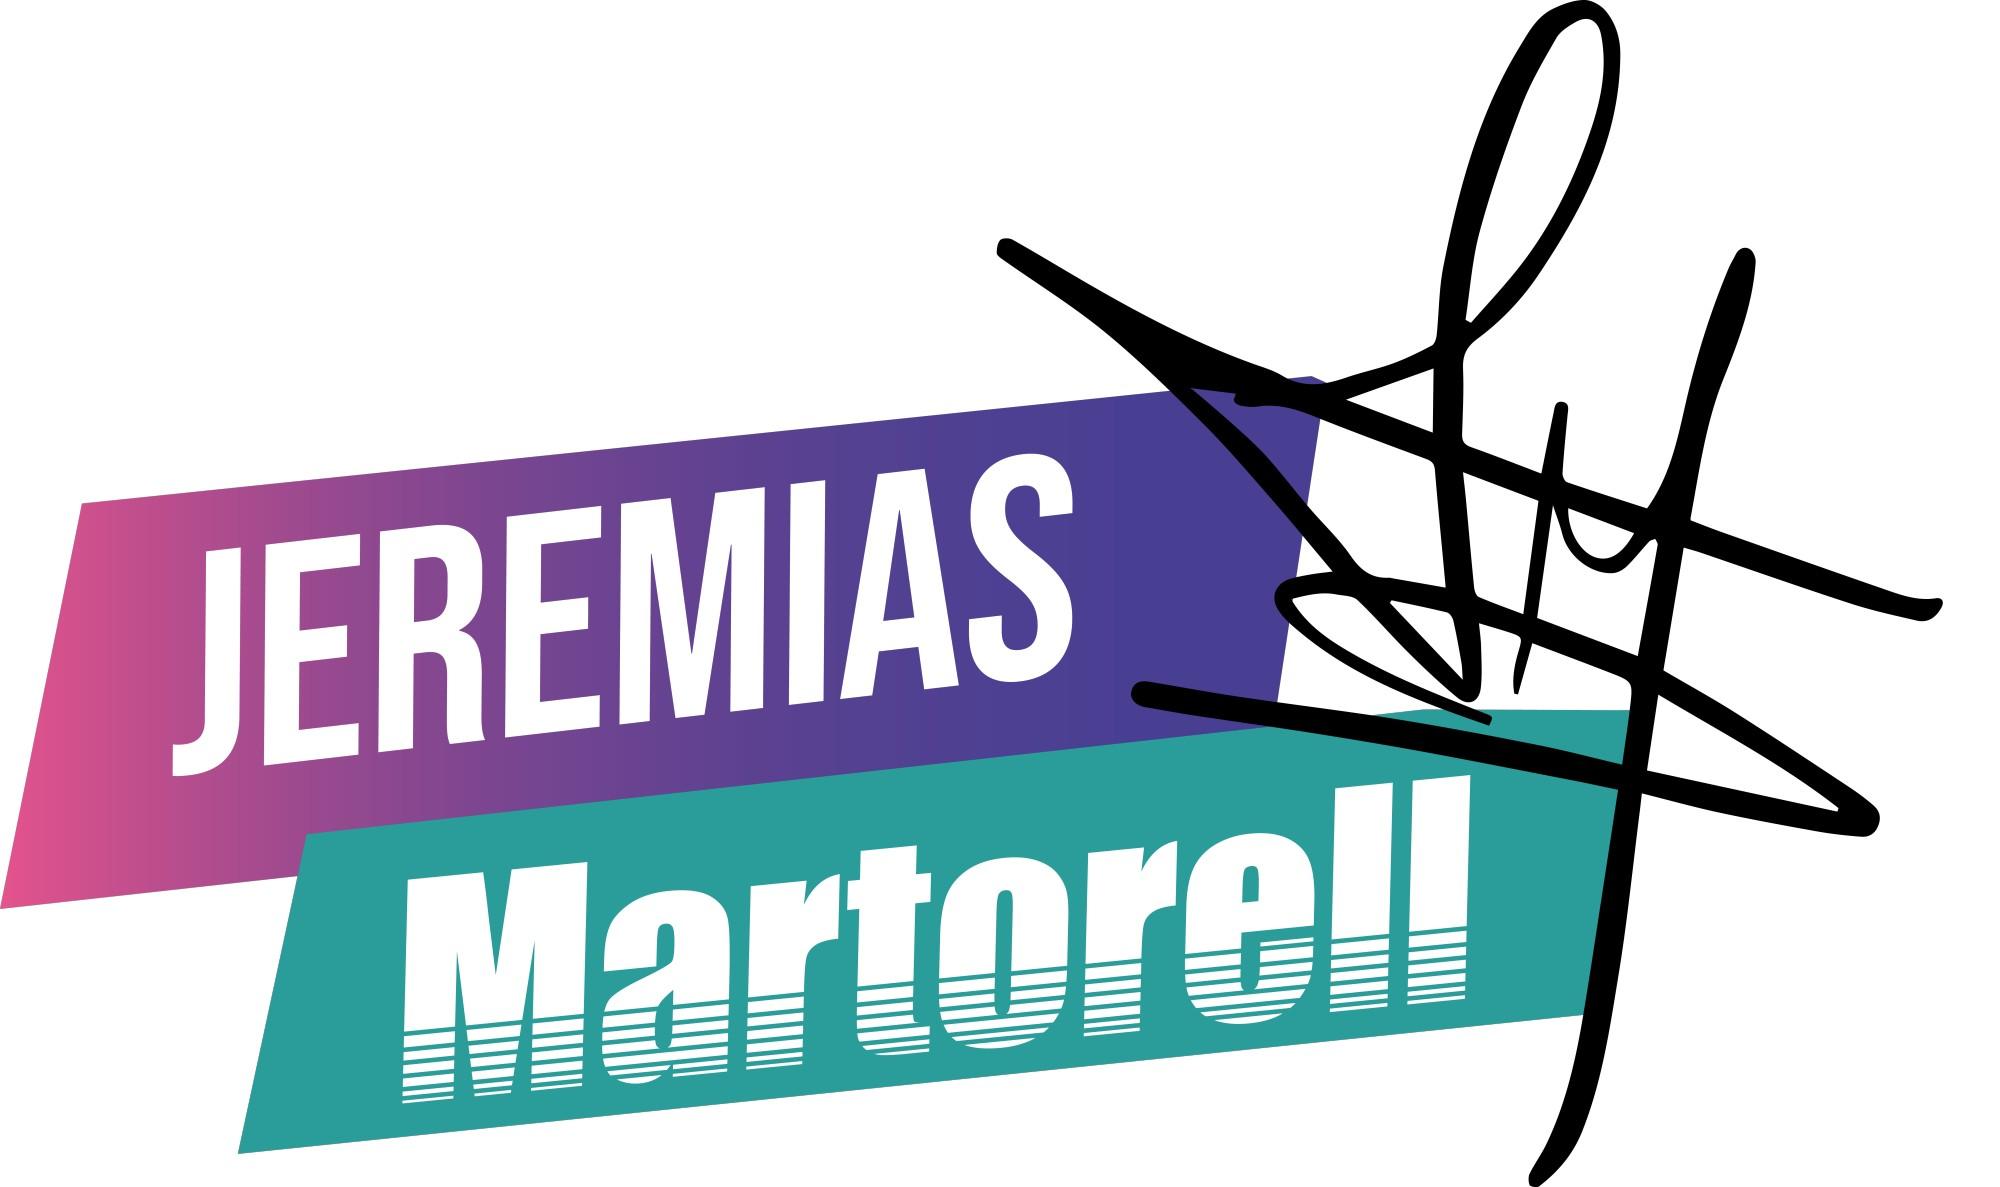 CITAS CON JEREMÍAS MARTORELL